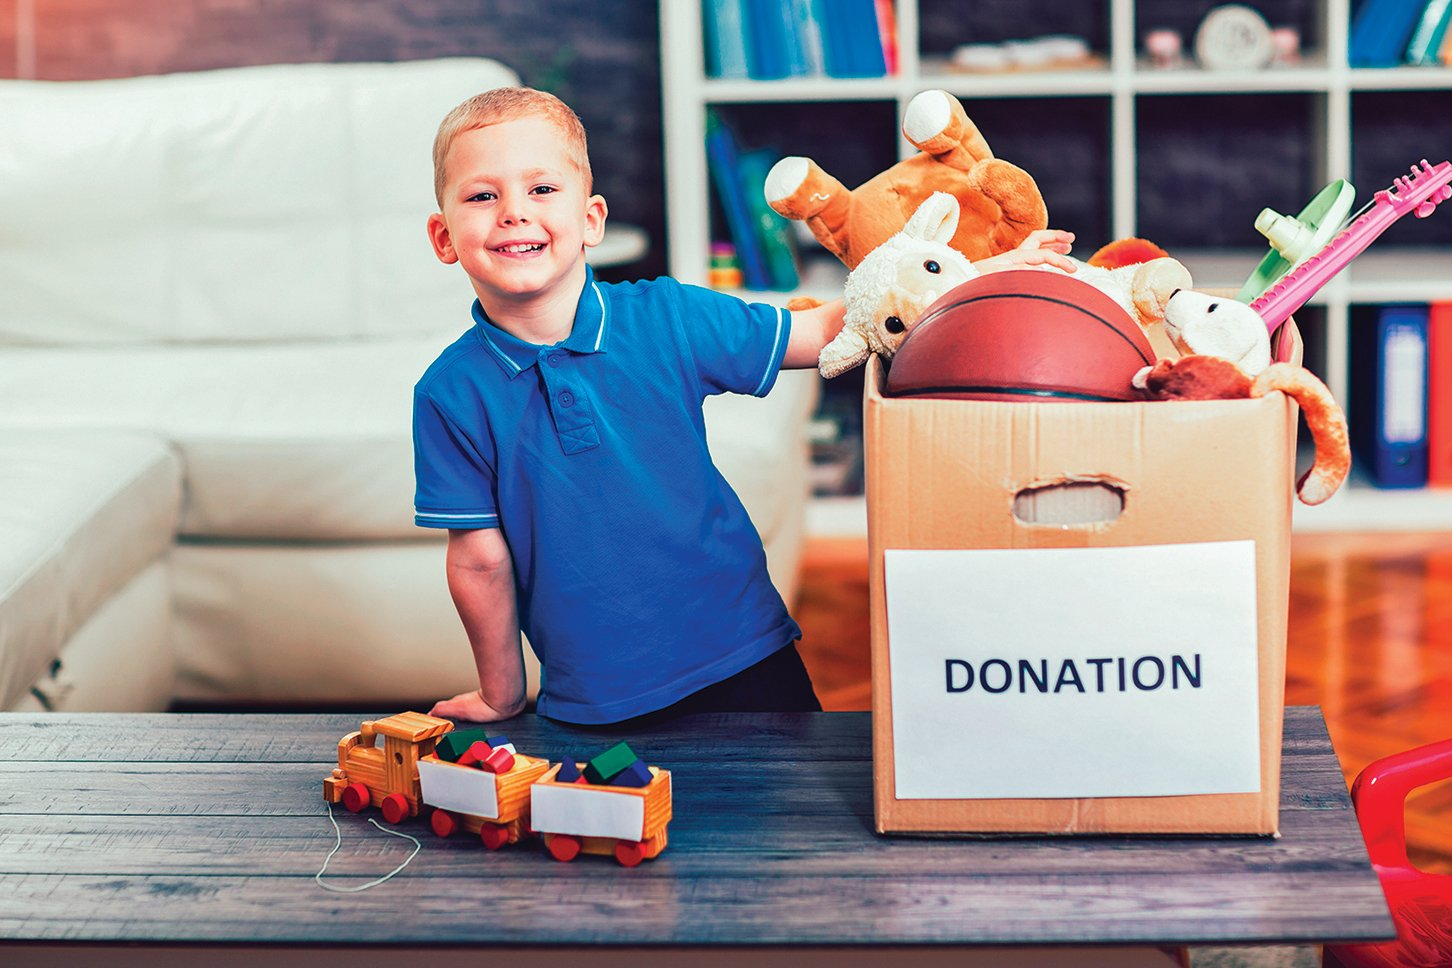 引導孩子挑選玩具捐贈給他人,深具教育意義。